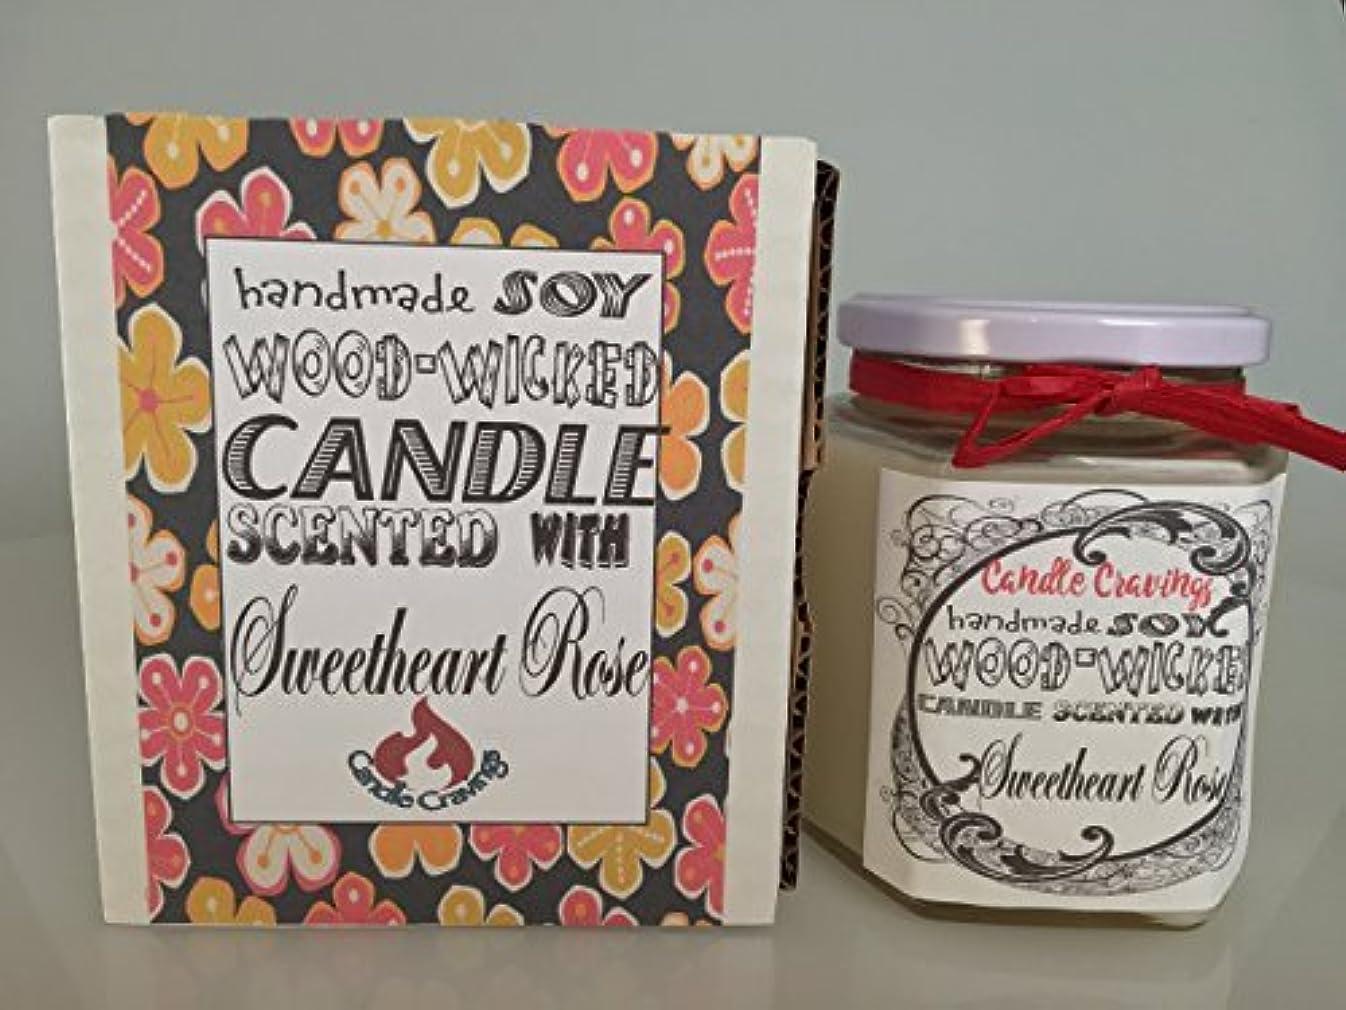 大聖堂大陸言うSweetheart Roses Scented Soy Wax Container Candle With Wood Wick 12 Oz US Handmade [並行輸入品]